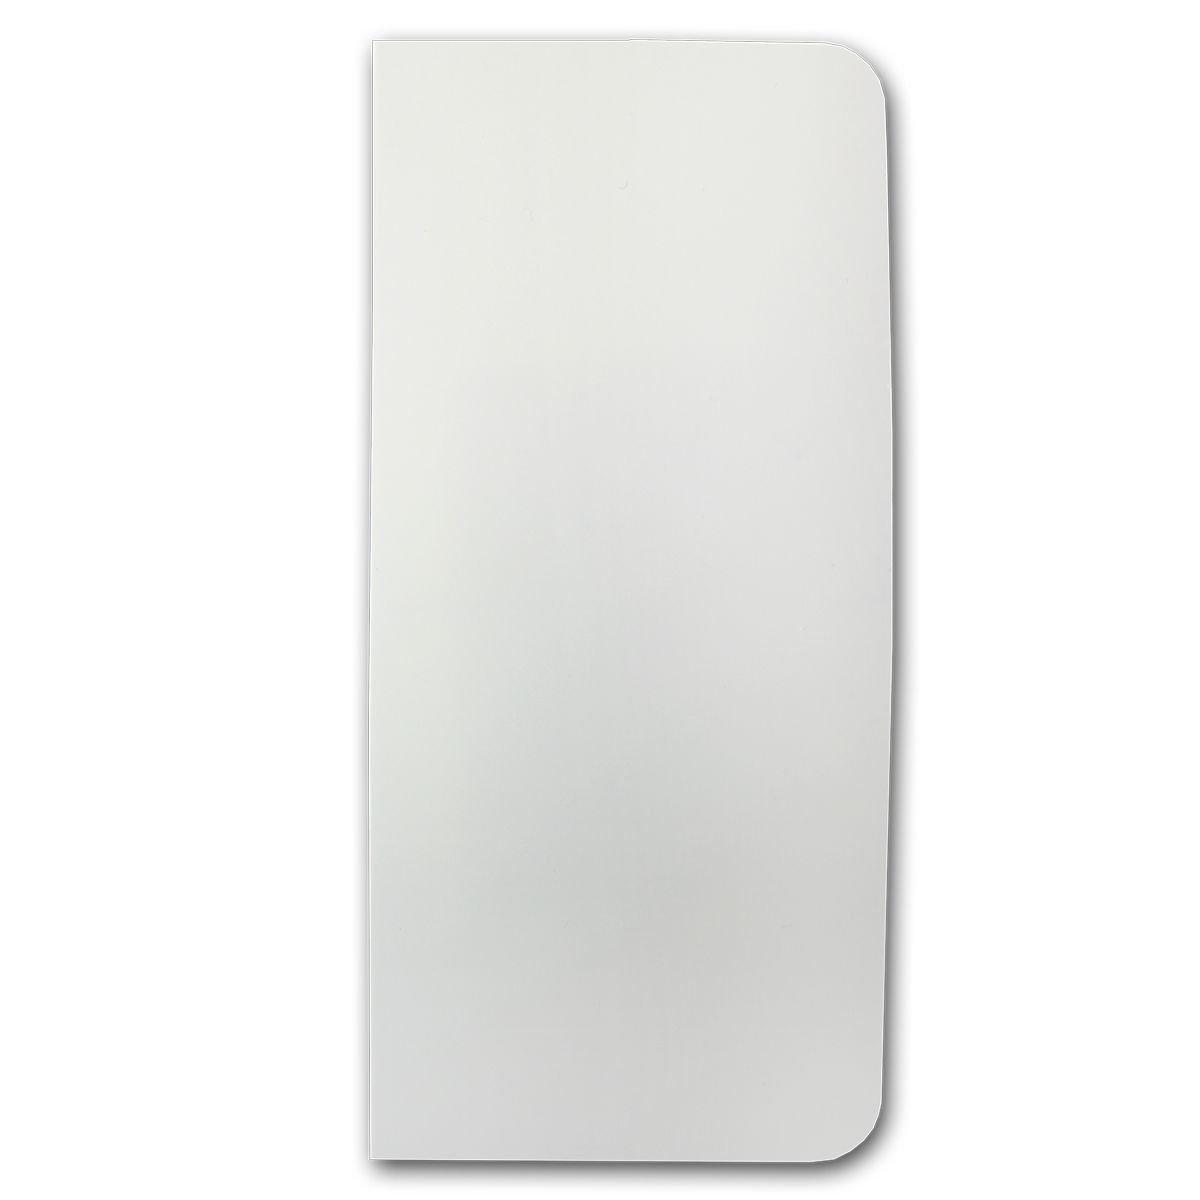 PME Scraper -PLAIN EDGE -TALL -Ψηλή Σπάτουλα/Ξύστρα με Λεία Άκρη 20εκ